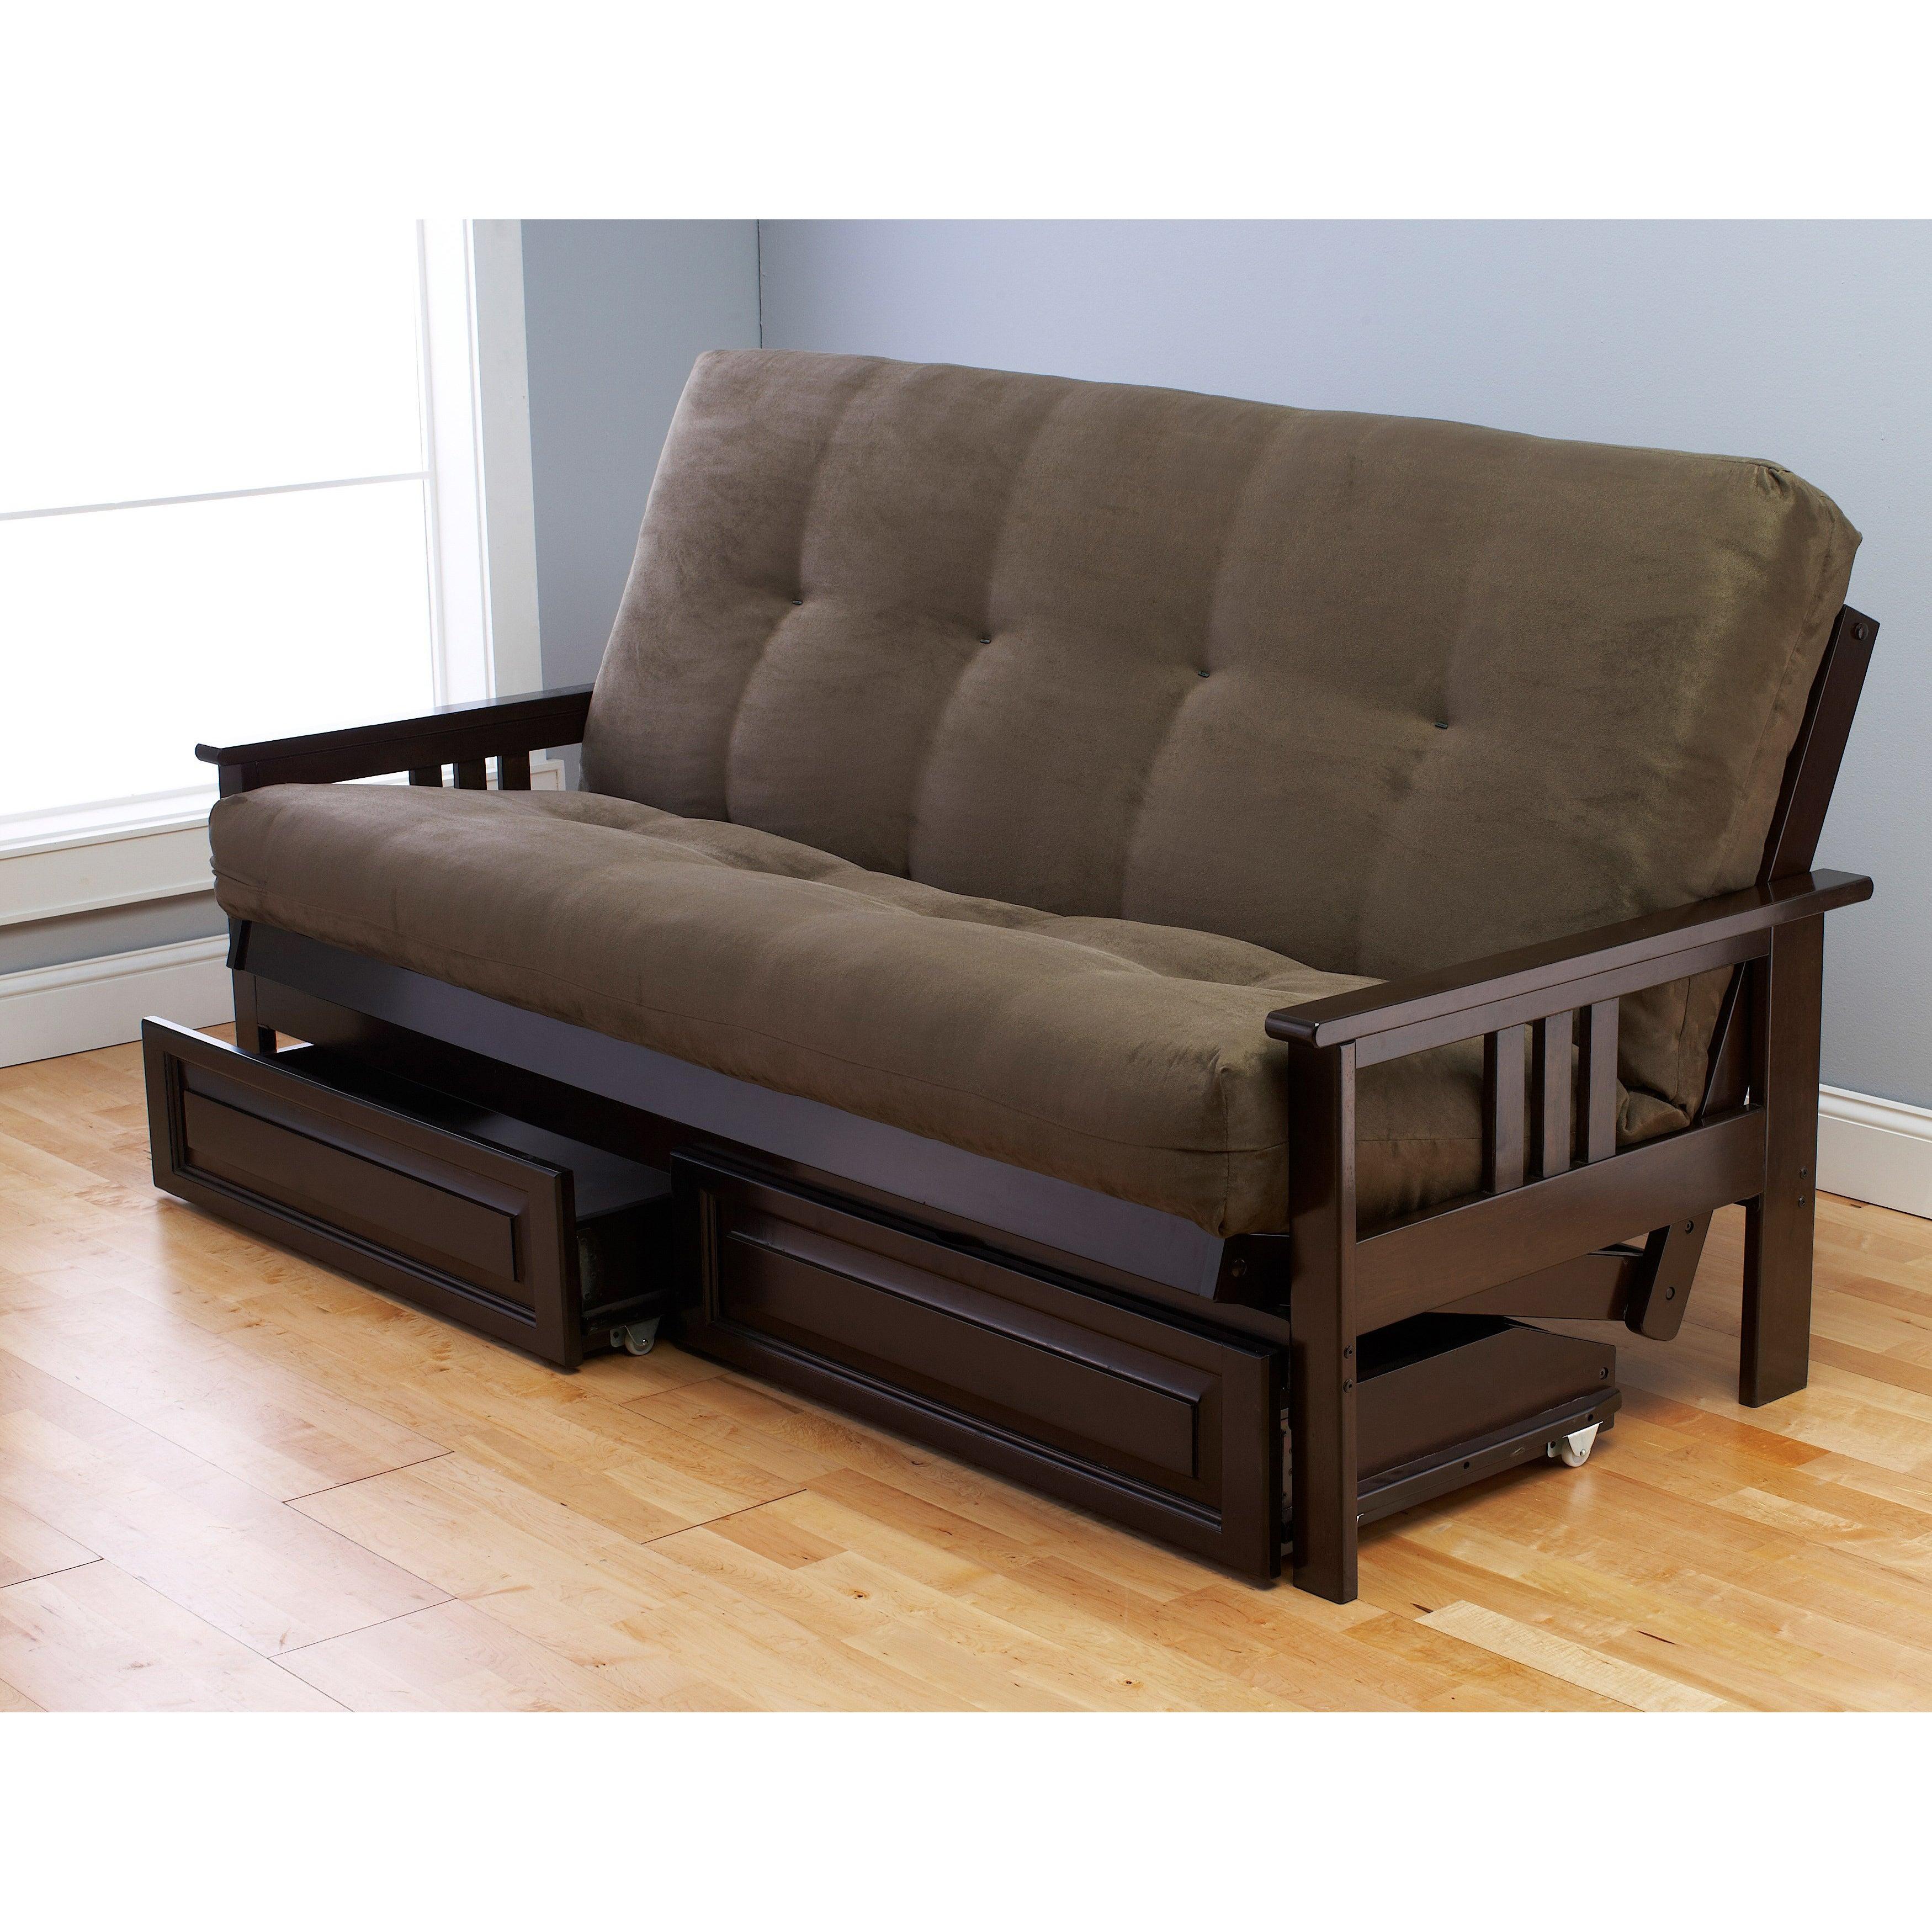 Beau Porch U0026 Den DeSoto Espresso Full Size Wood Storage Futon With Mattress